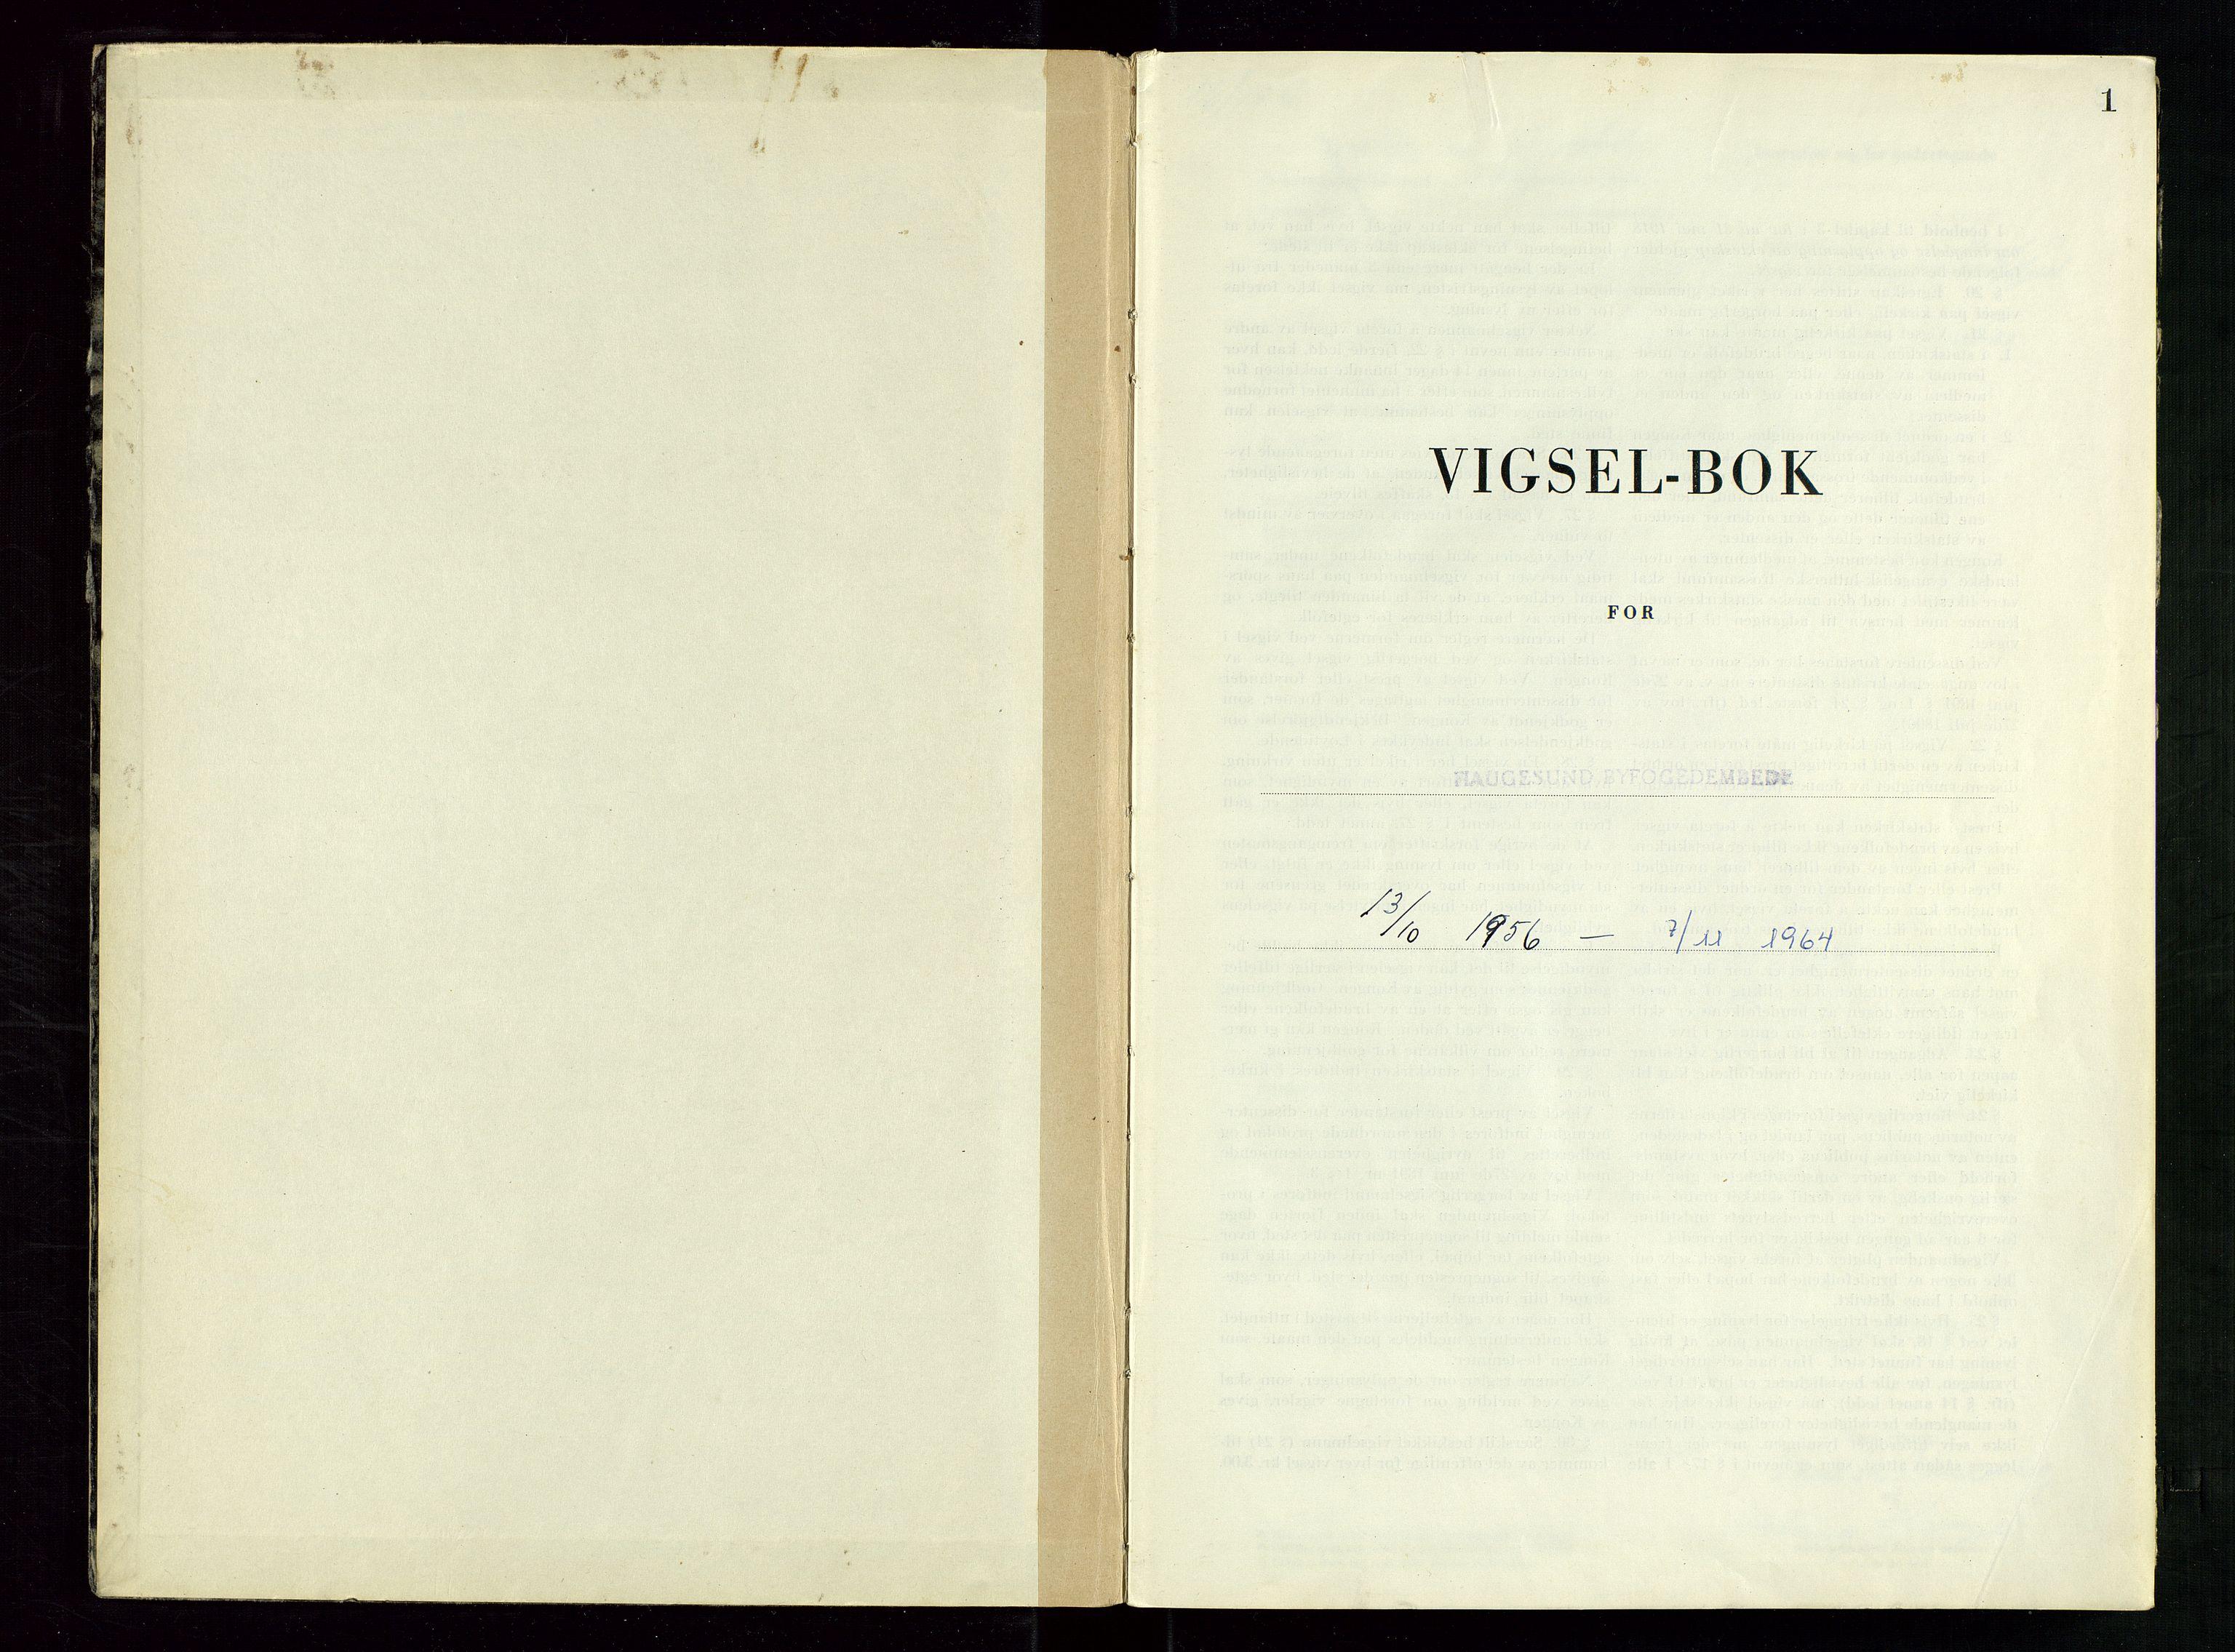 SAST, Haugesund tingrett, III/IIID/L0007: Vigselbok, 1956-1964, s. 1